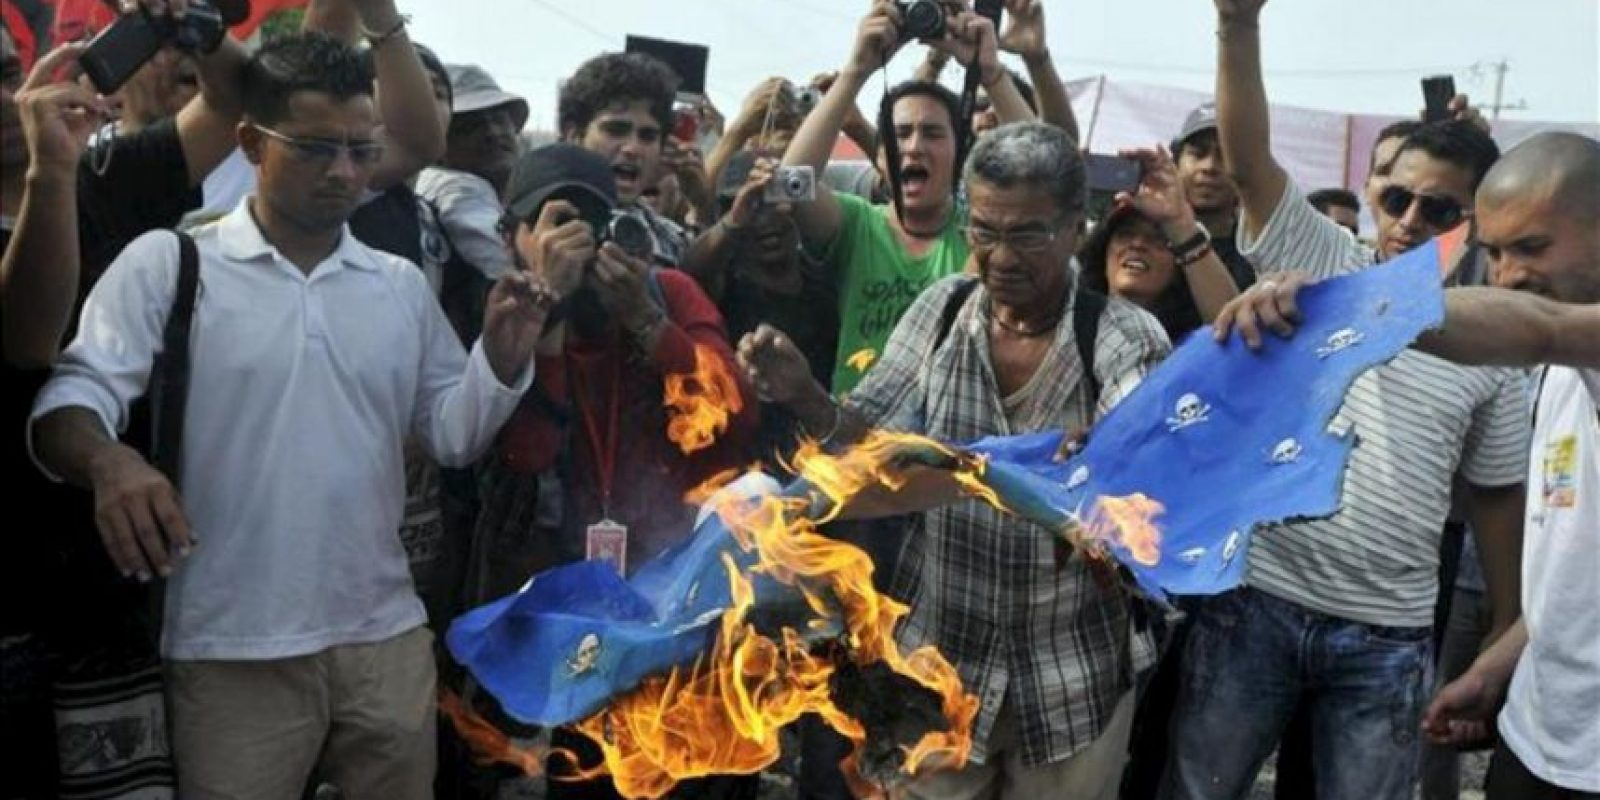 Un grupo de personas quema una bandera de Estados Unidos en Cartagena de Indias (Colombia), durante una manifestación en contra de la presencia de Barack Obama en Colombia. EFE